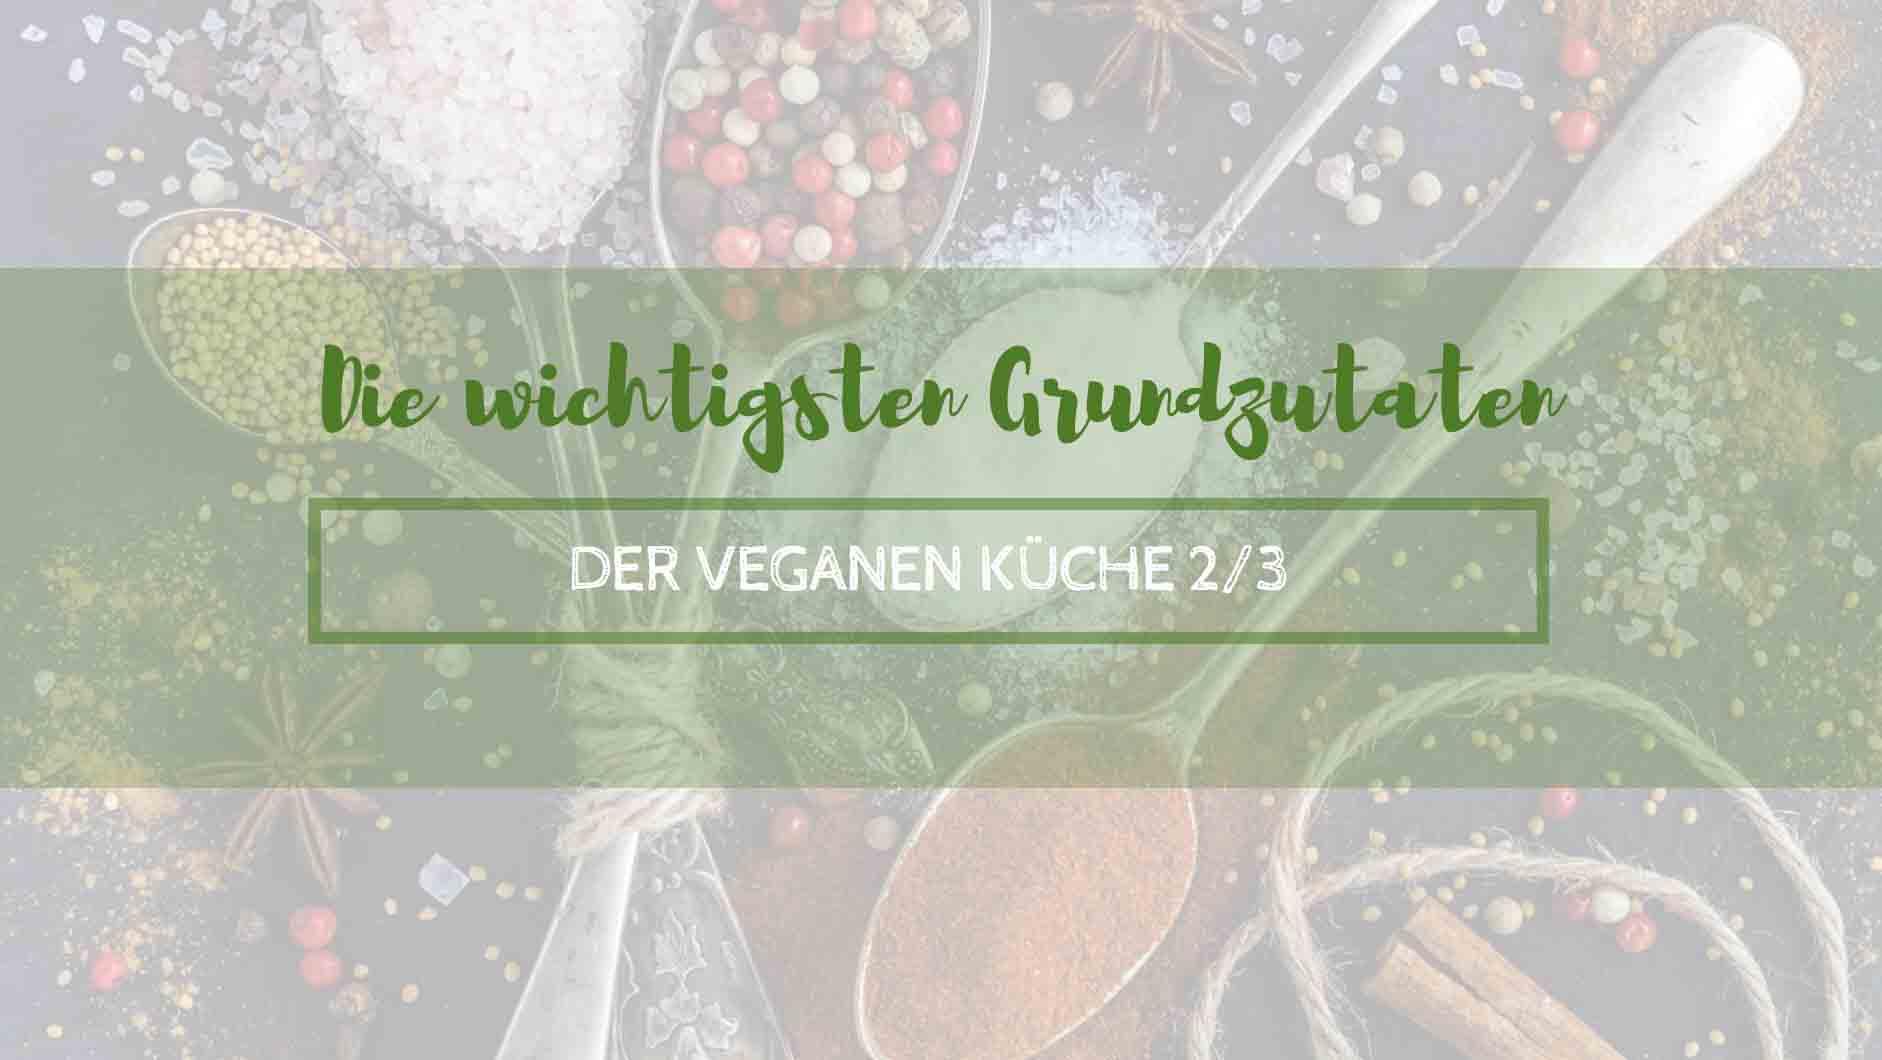 Die wichtigsten Grundzutaten der veganen Küche 2/2